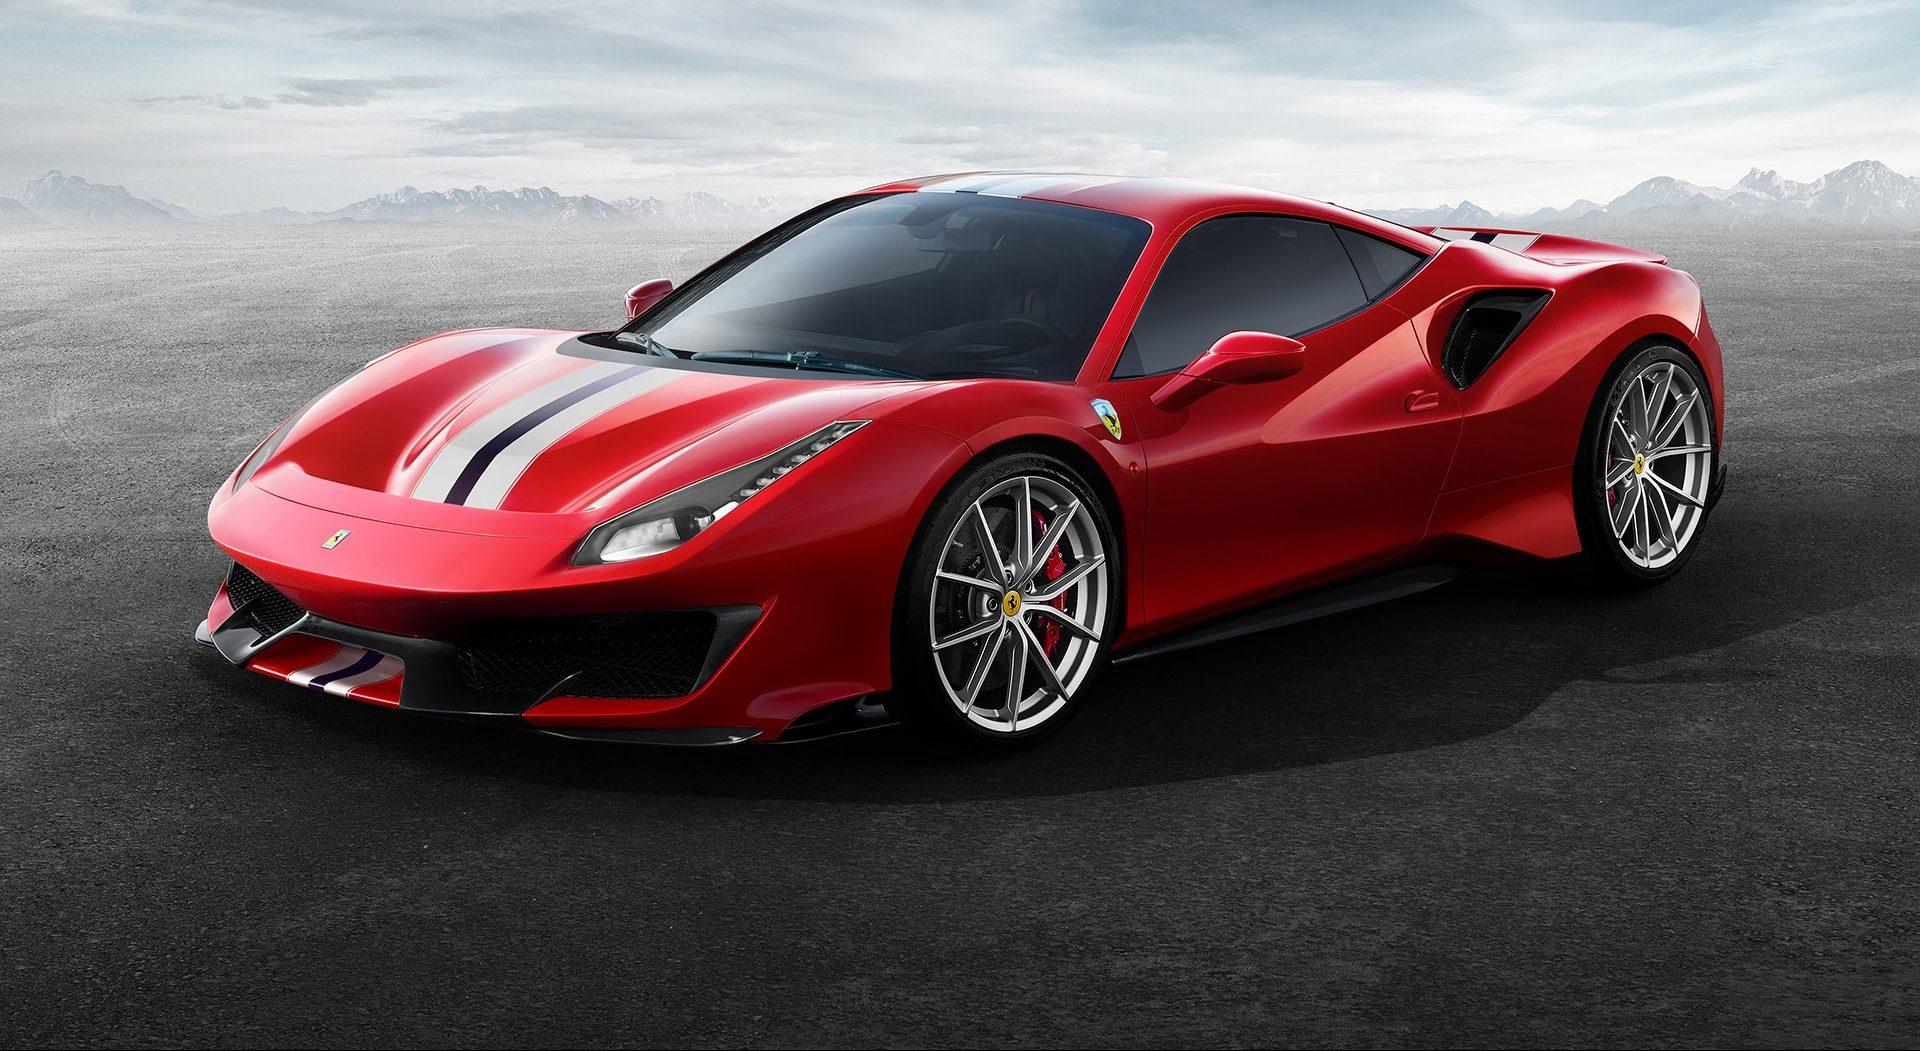 Ferrari 488 Pista The Car Expert